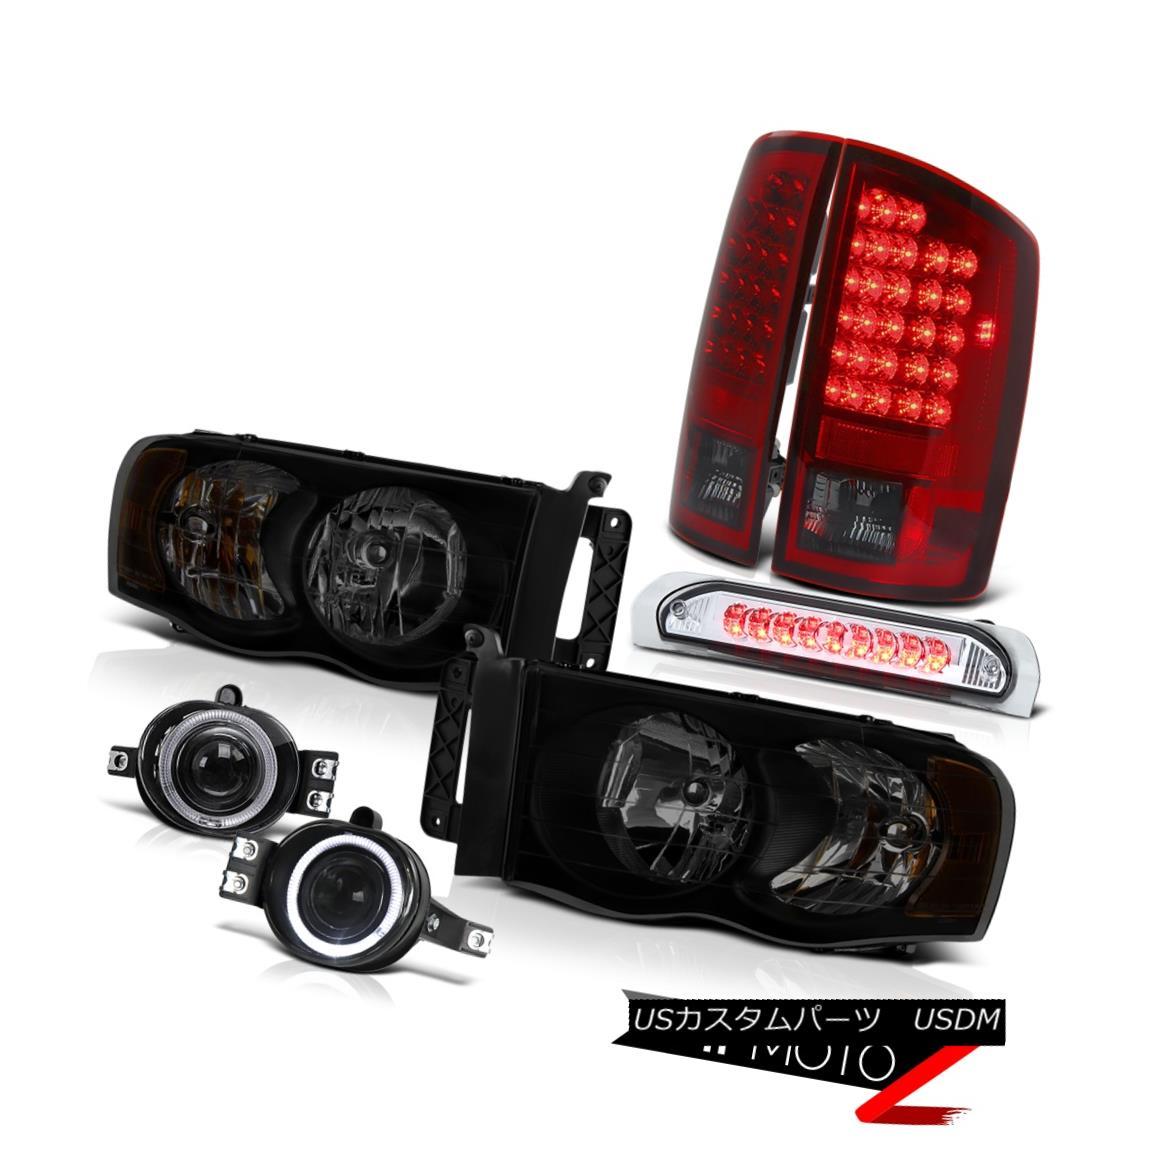 テールライト 02-05 Ram 1500 2500 3500 Turbodiesel Headlights Fog Lamps High Stop Lamp Tail 02-05 Ram 1500 2500 3500 Turbodieselヘッドライトフォグランプハイストップランプテール